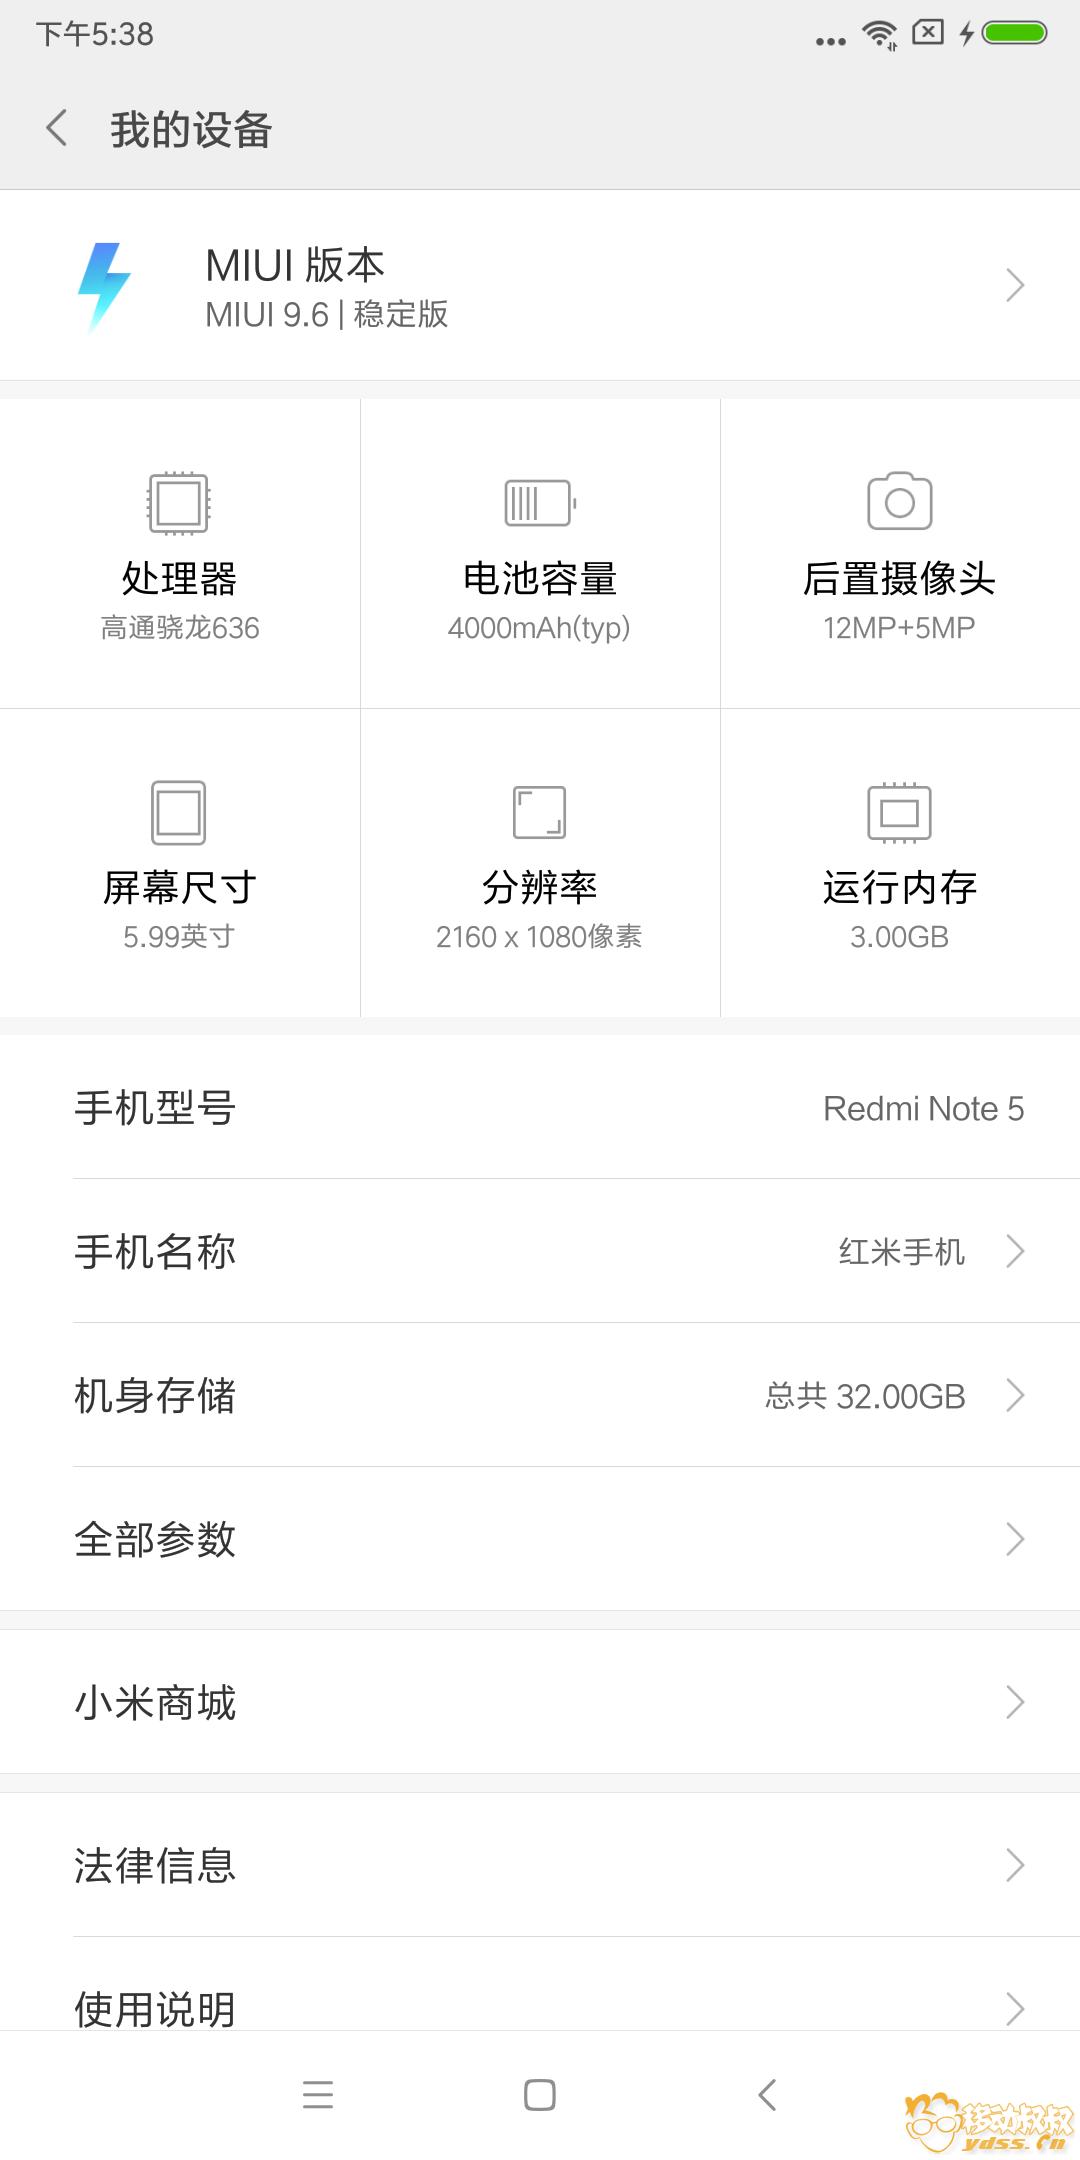 Screenshot_2018-08-09-17-38-44-672_com.miui.securitycenter.png